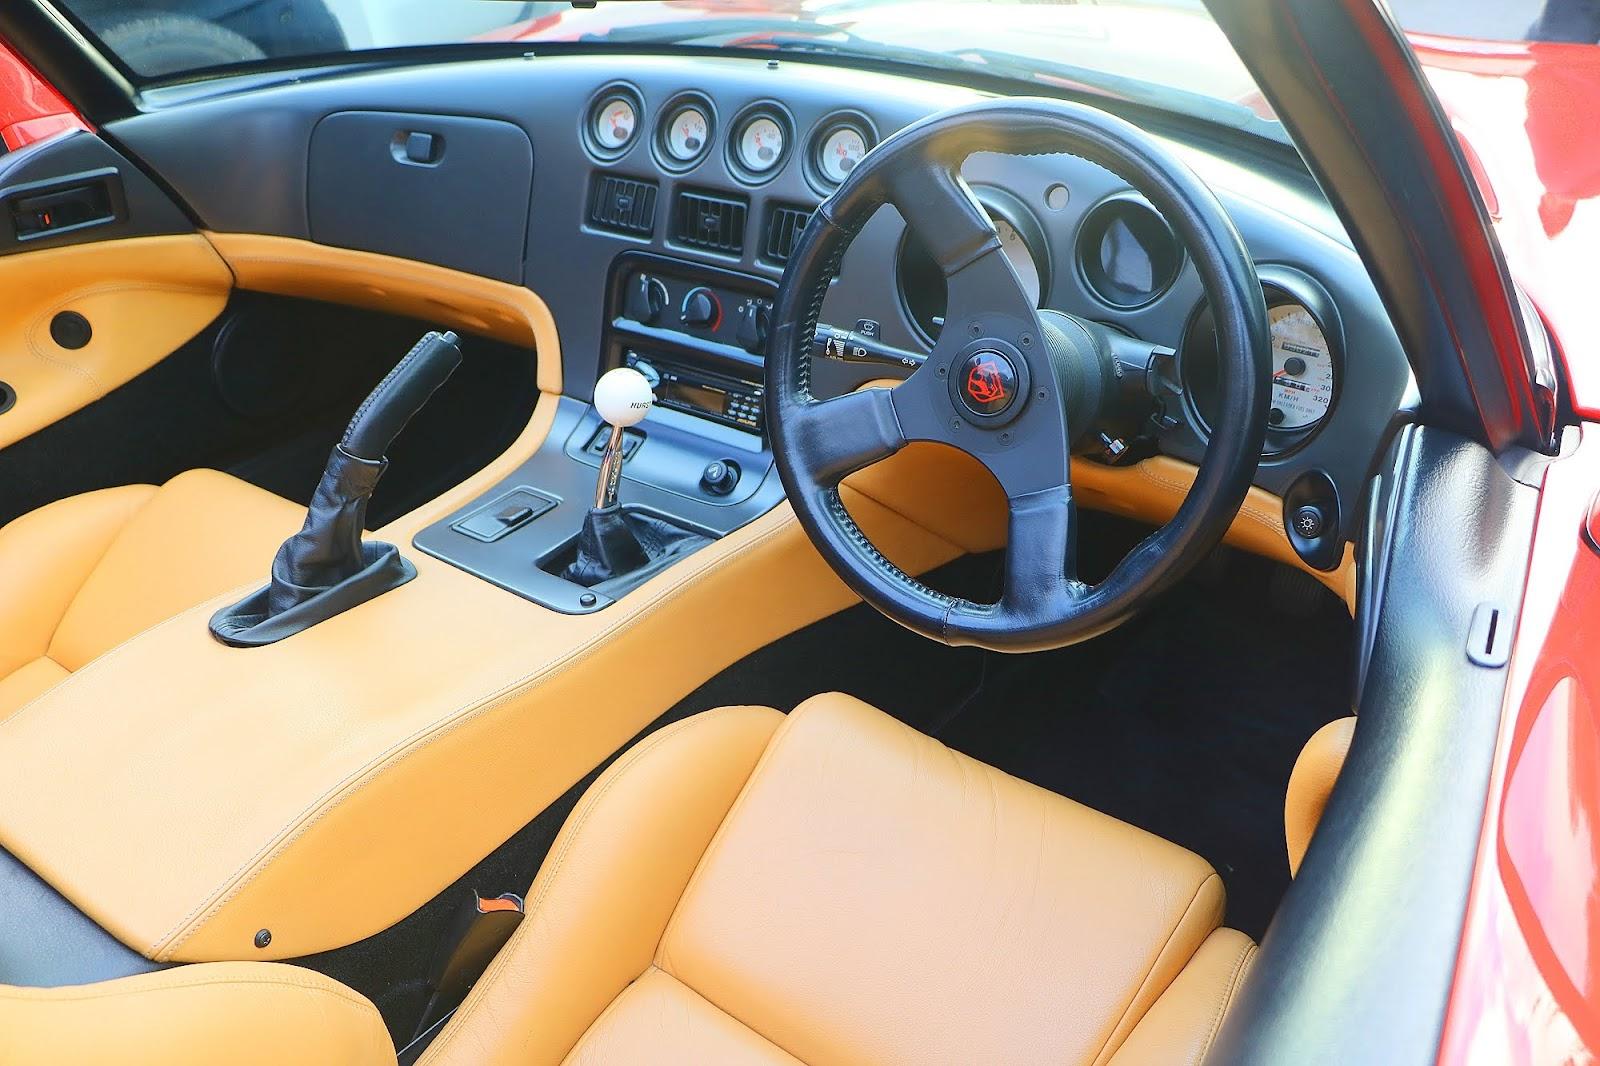 1993 Dodge Viper Interior Right.jpg